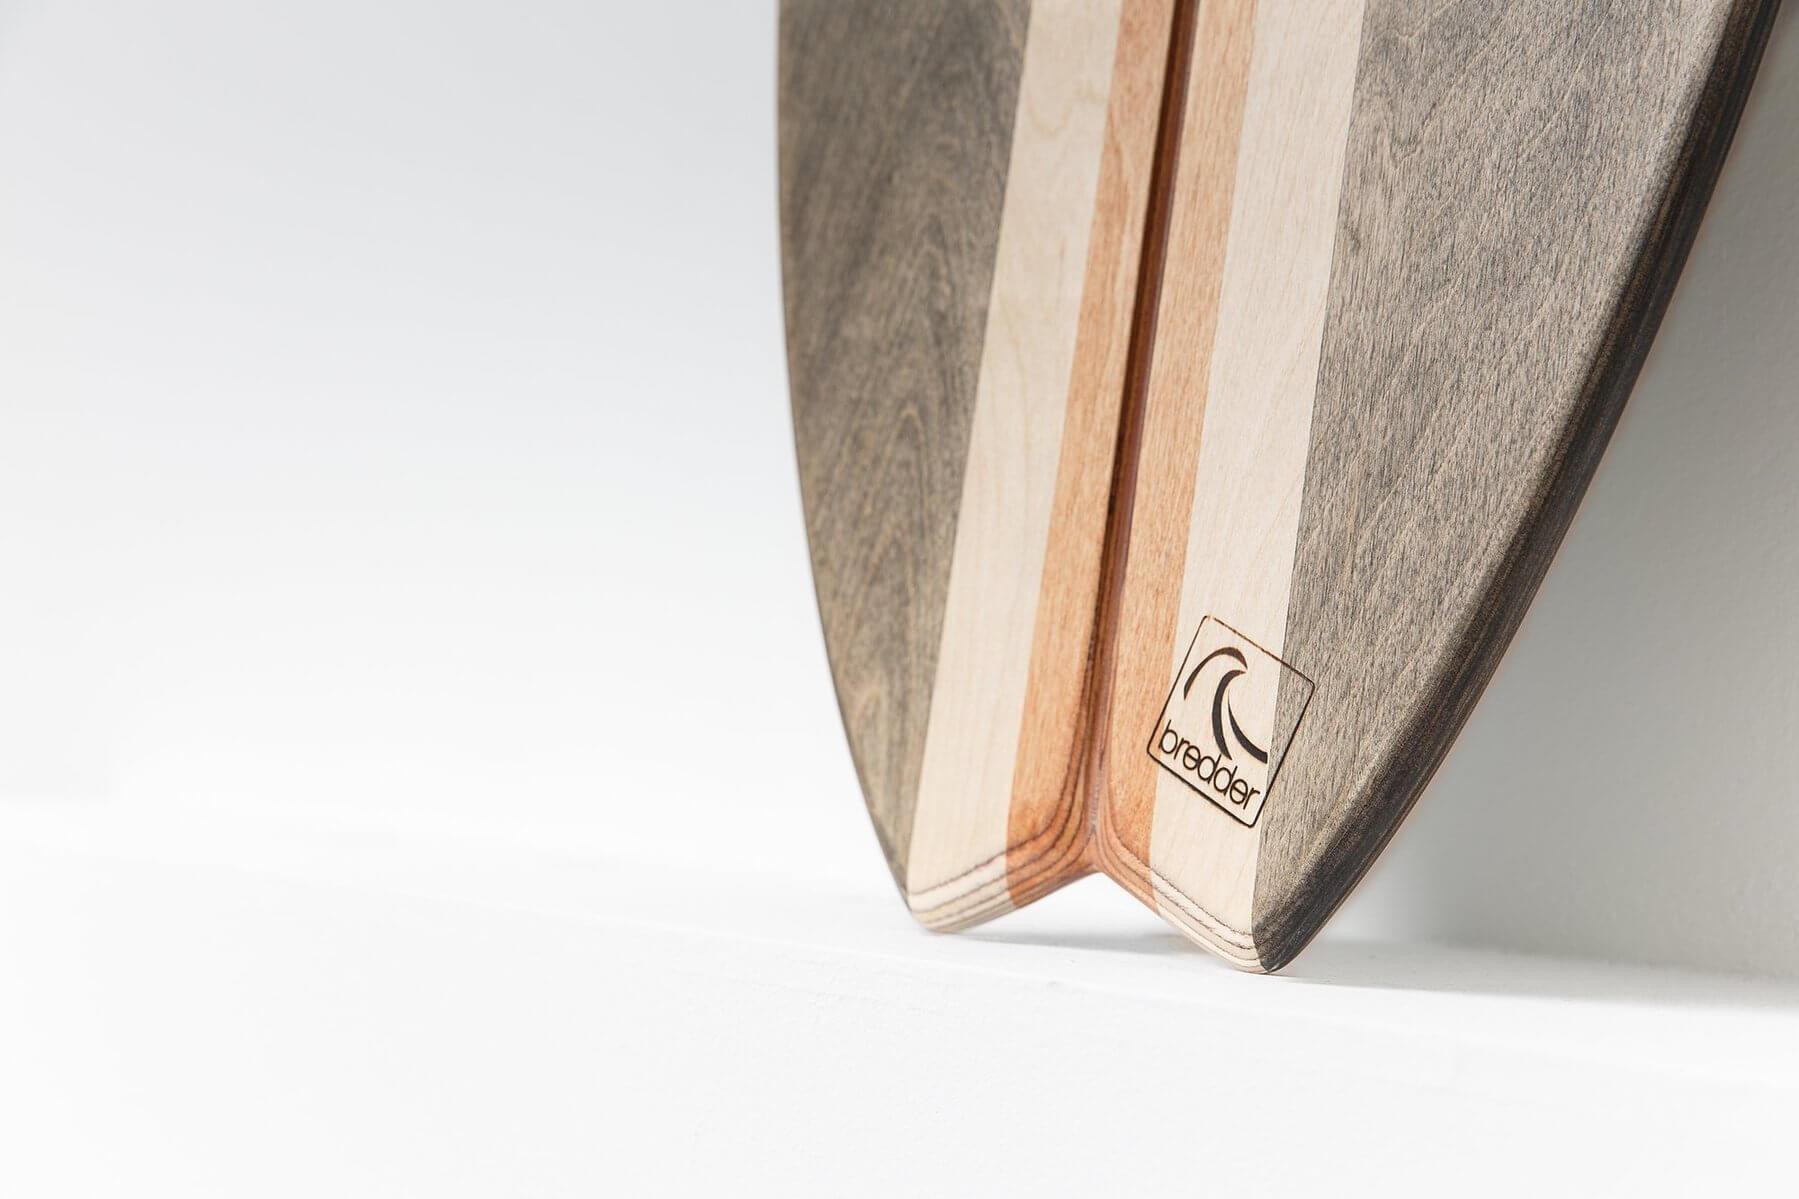 Bredder Boards Pualani Fisch (Bild 1)